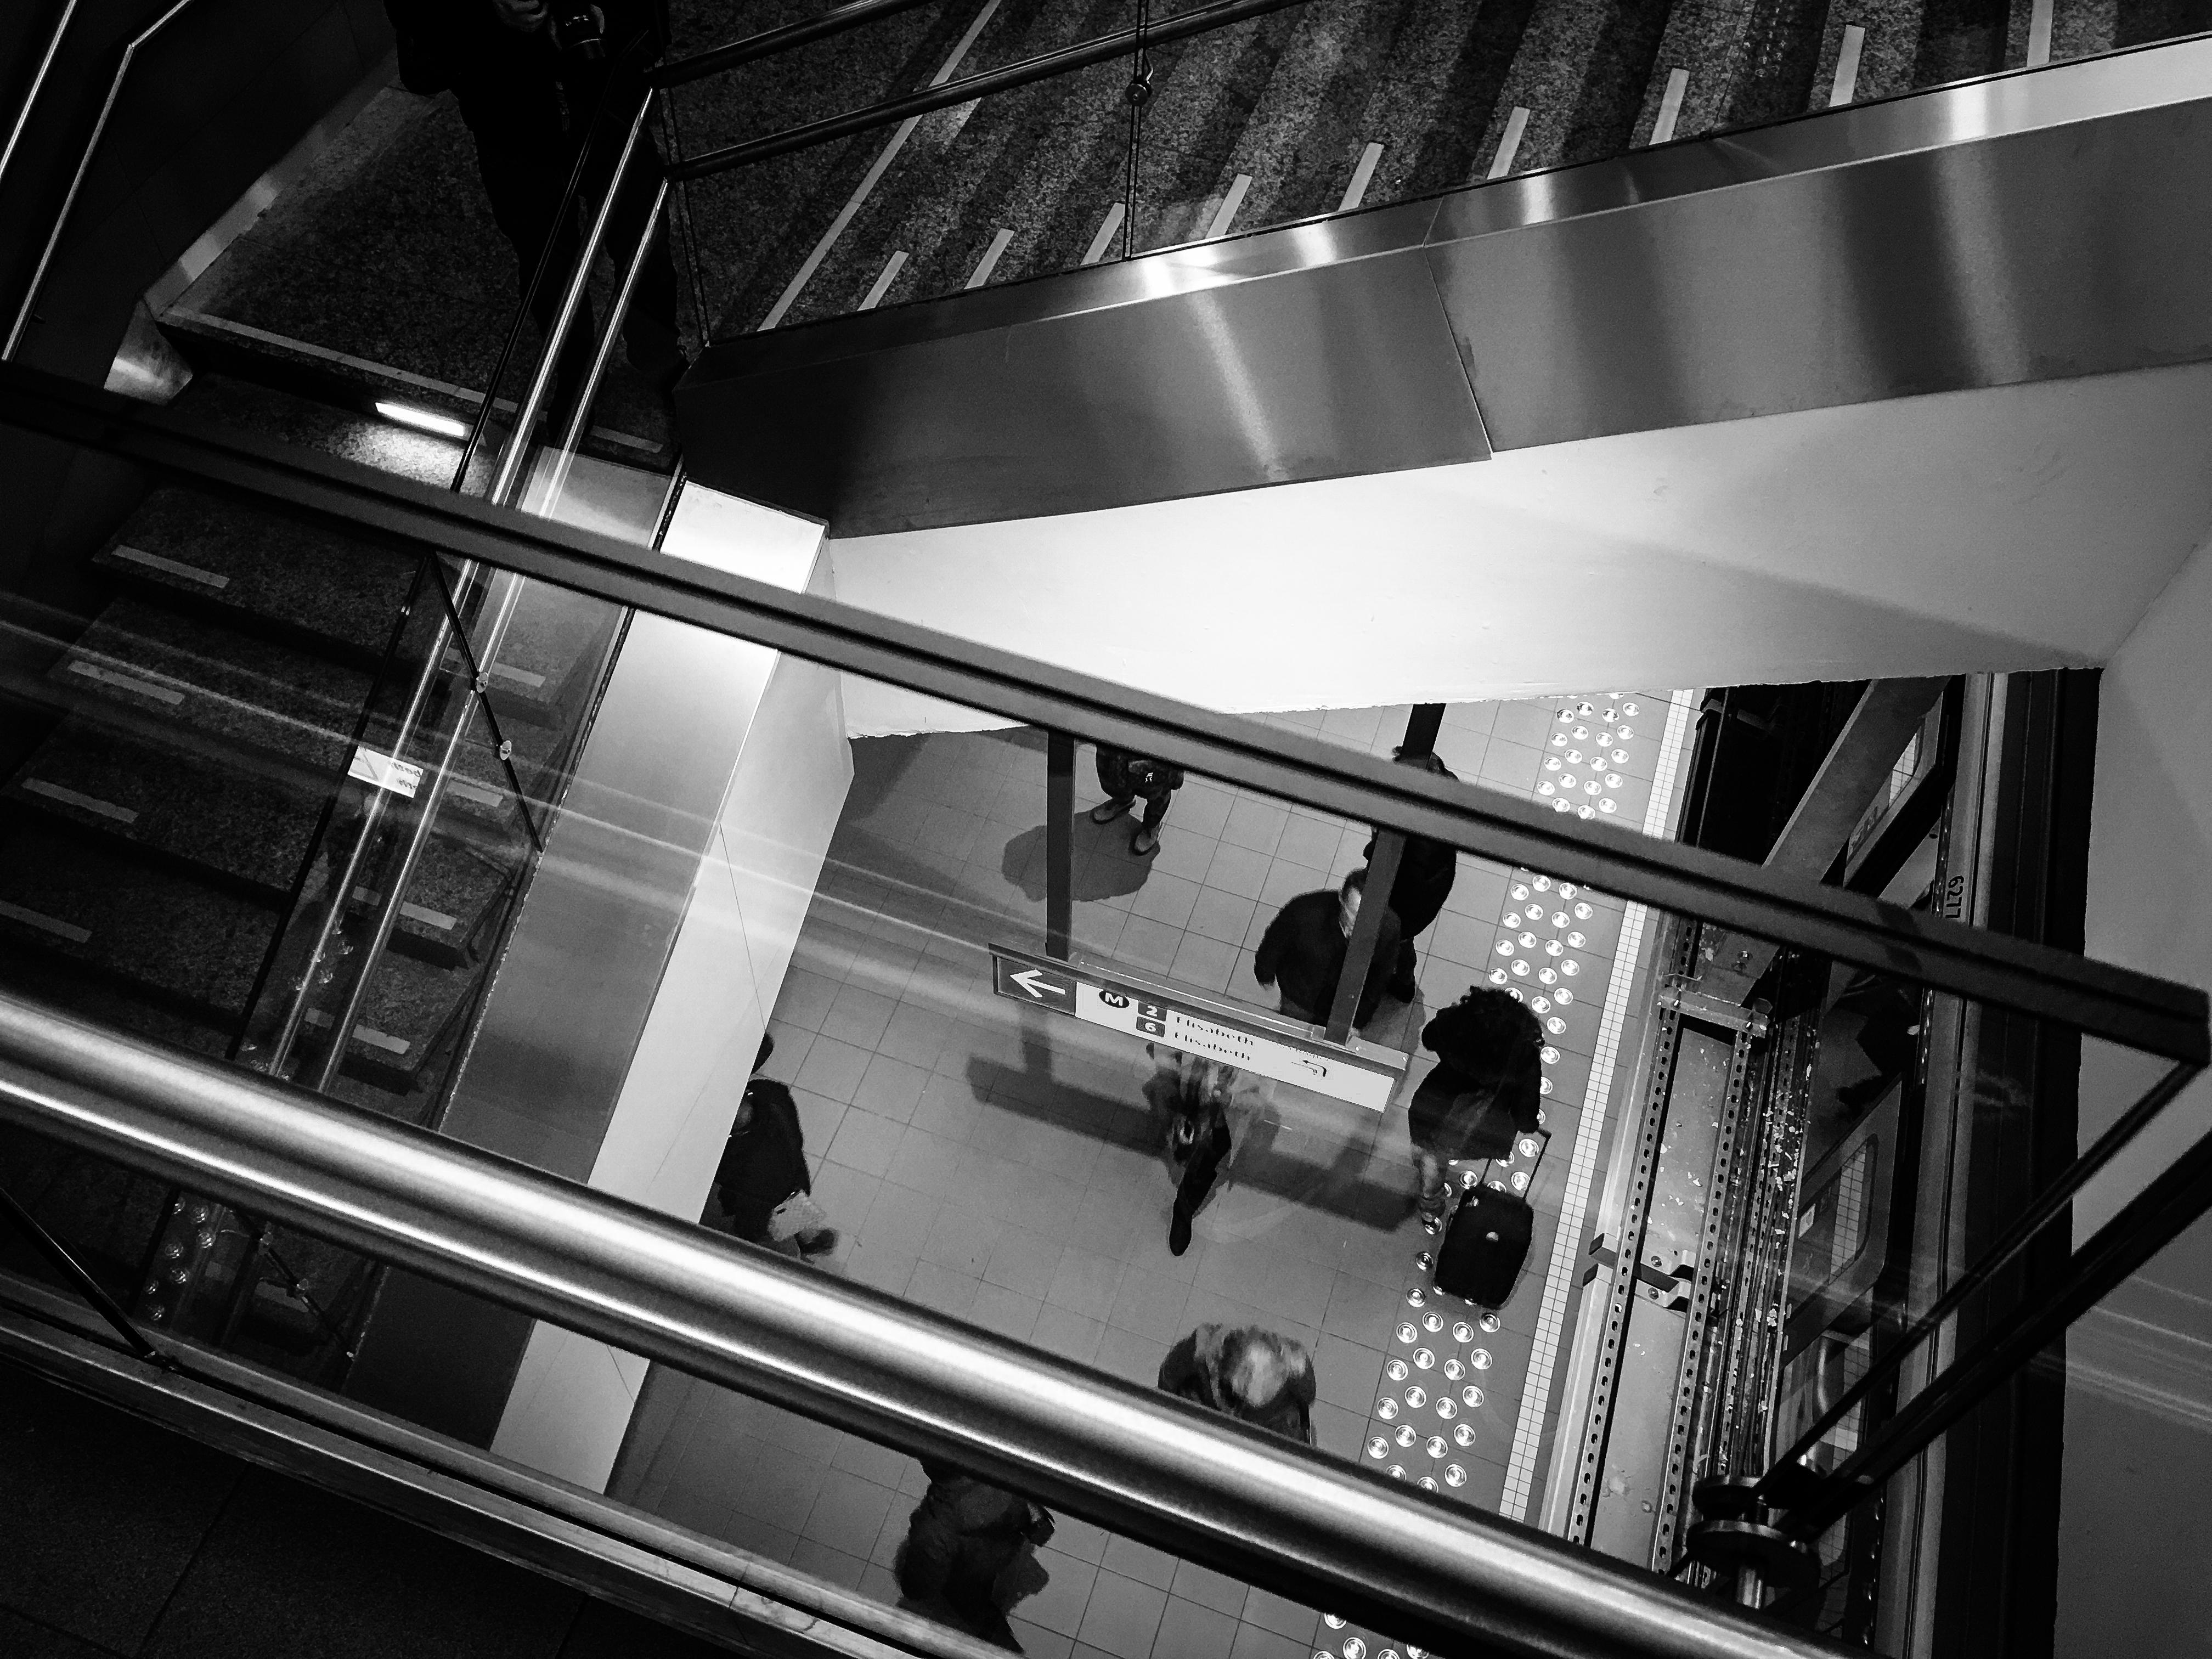 Meer licht voor metrostation Kunst-Wet